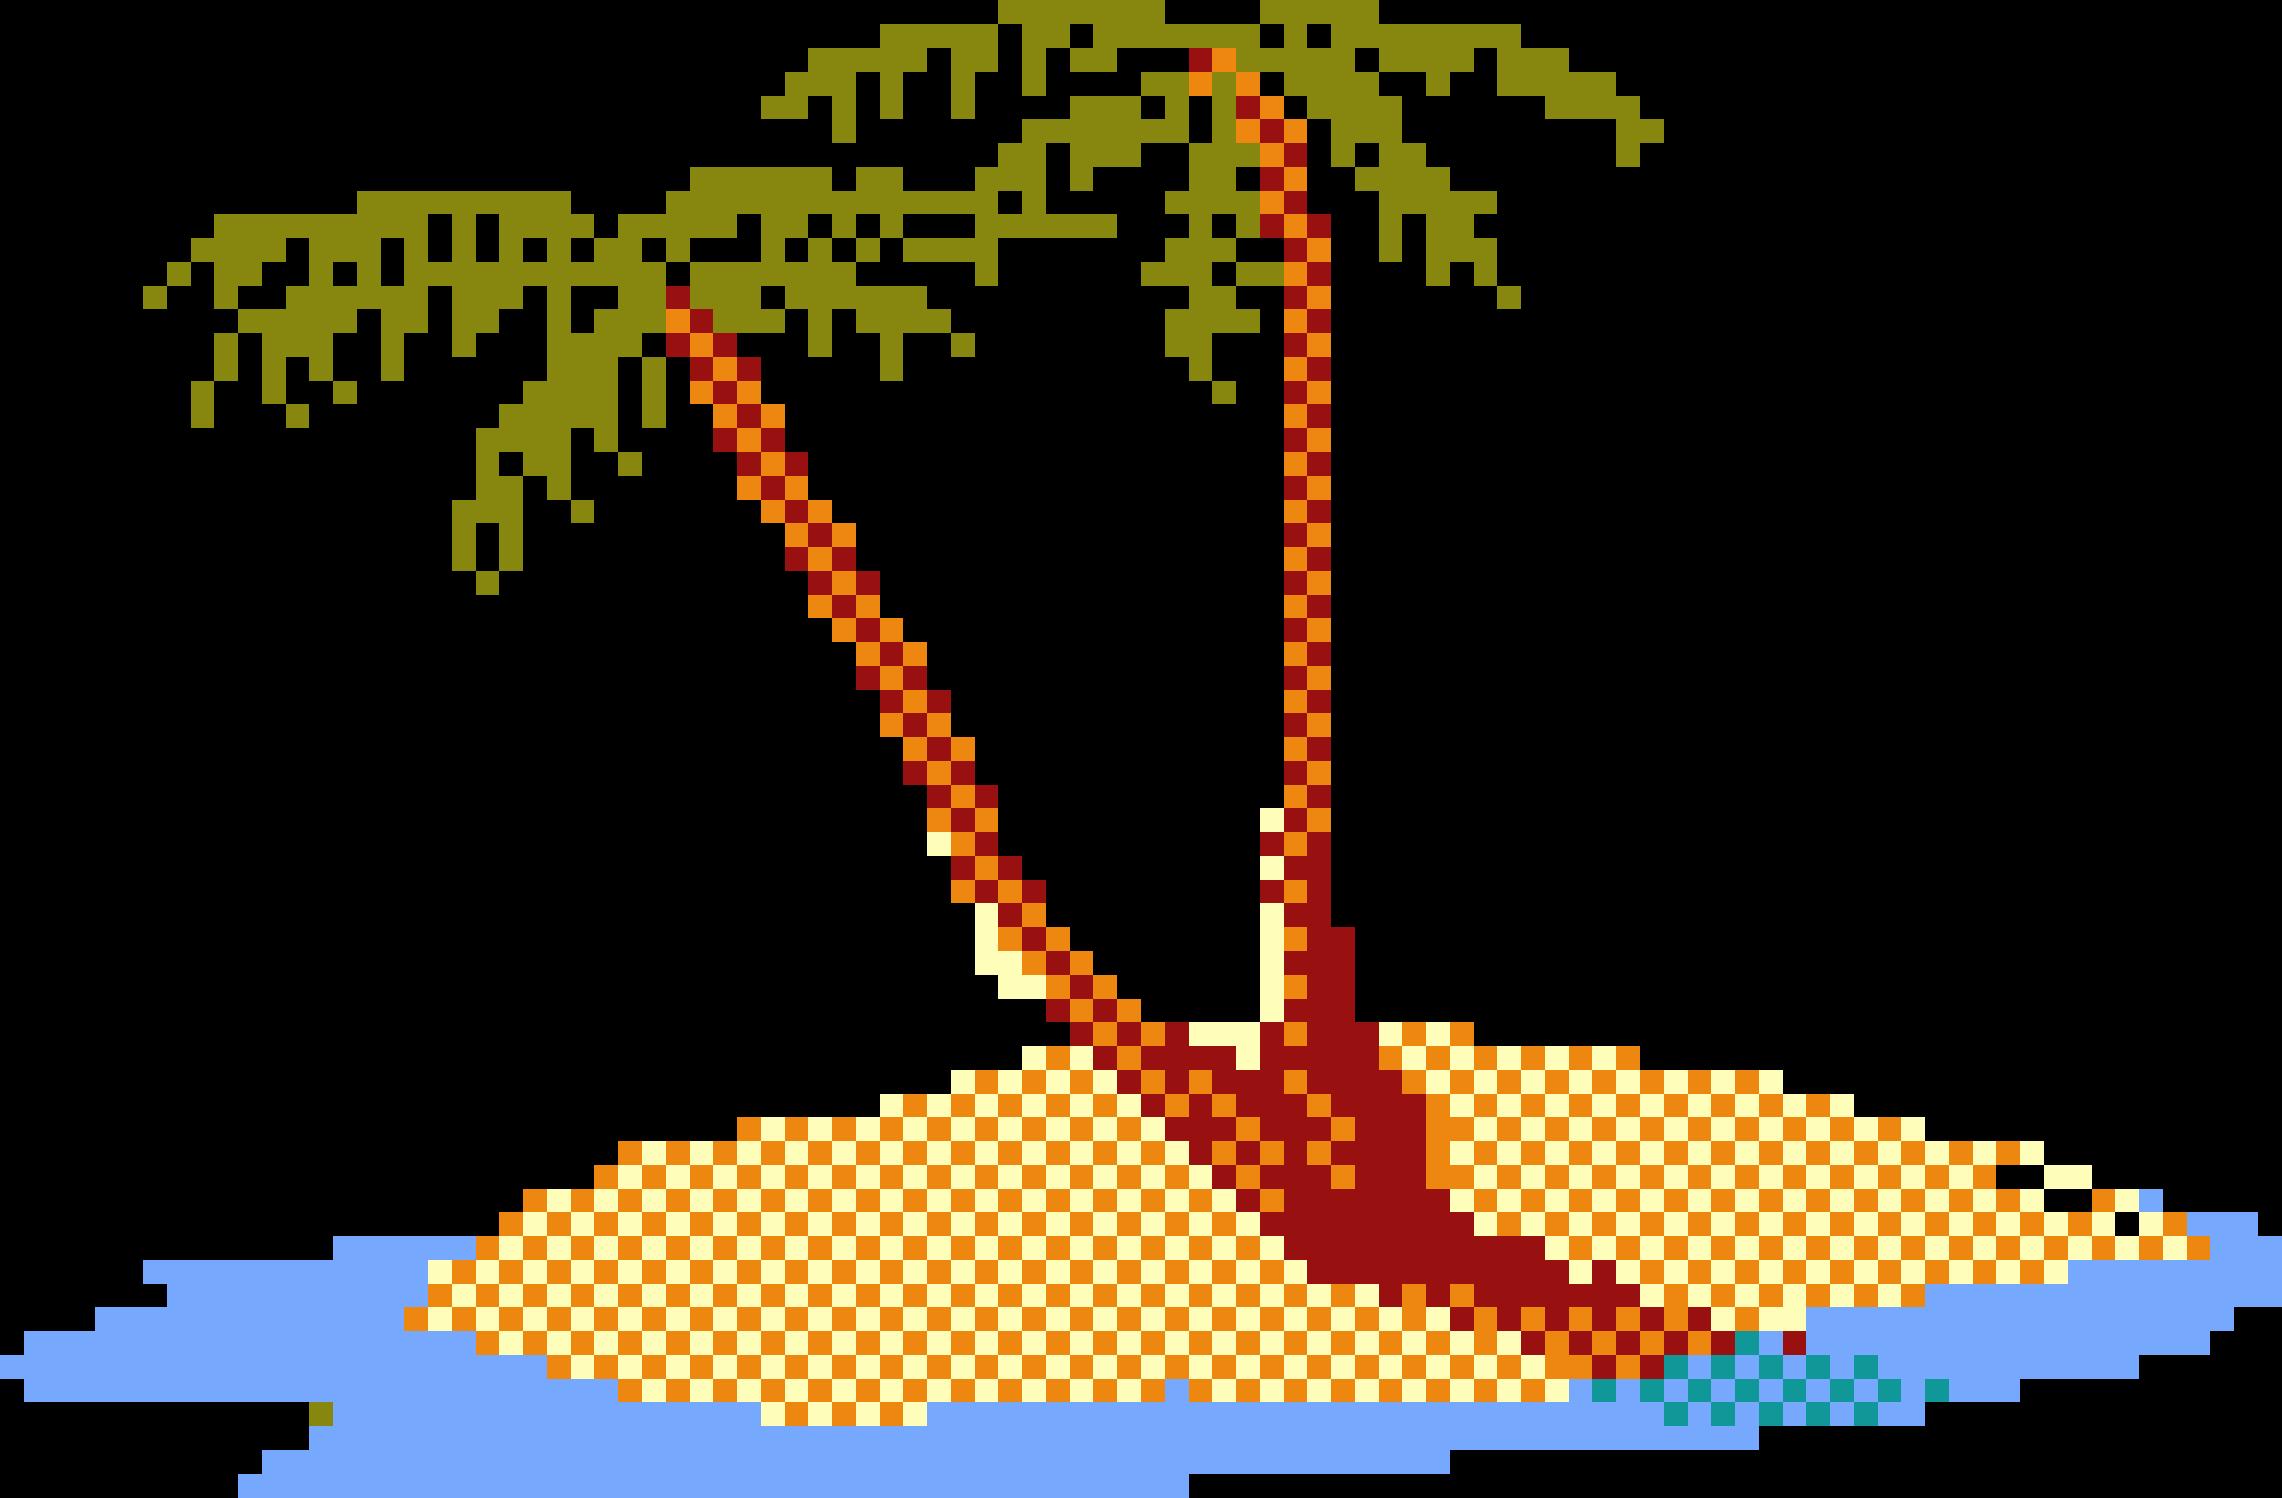 palm clipart 8 bit